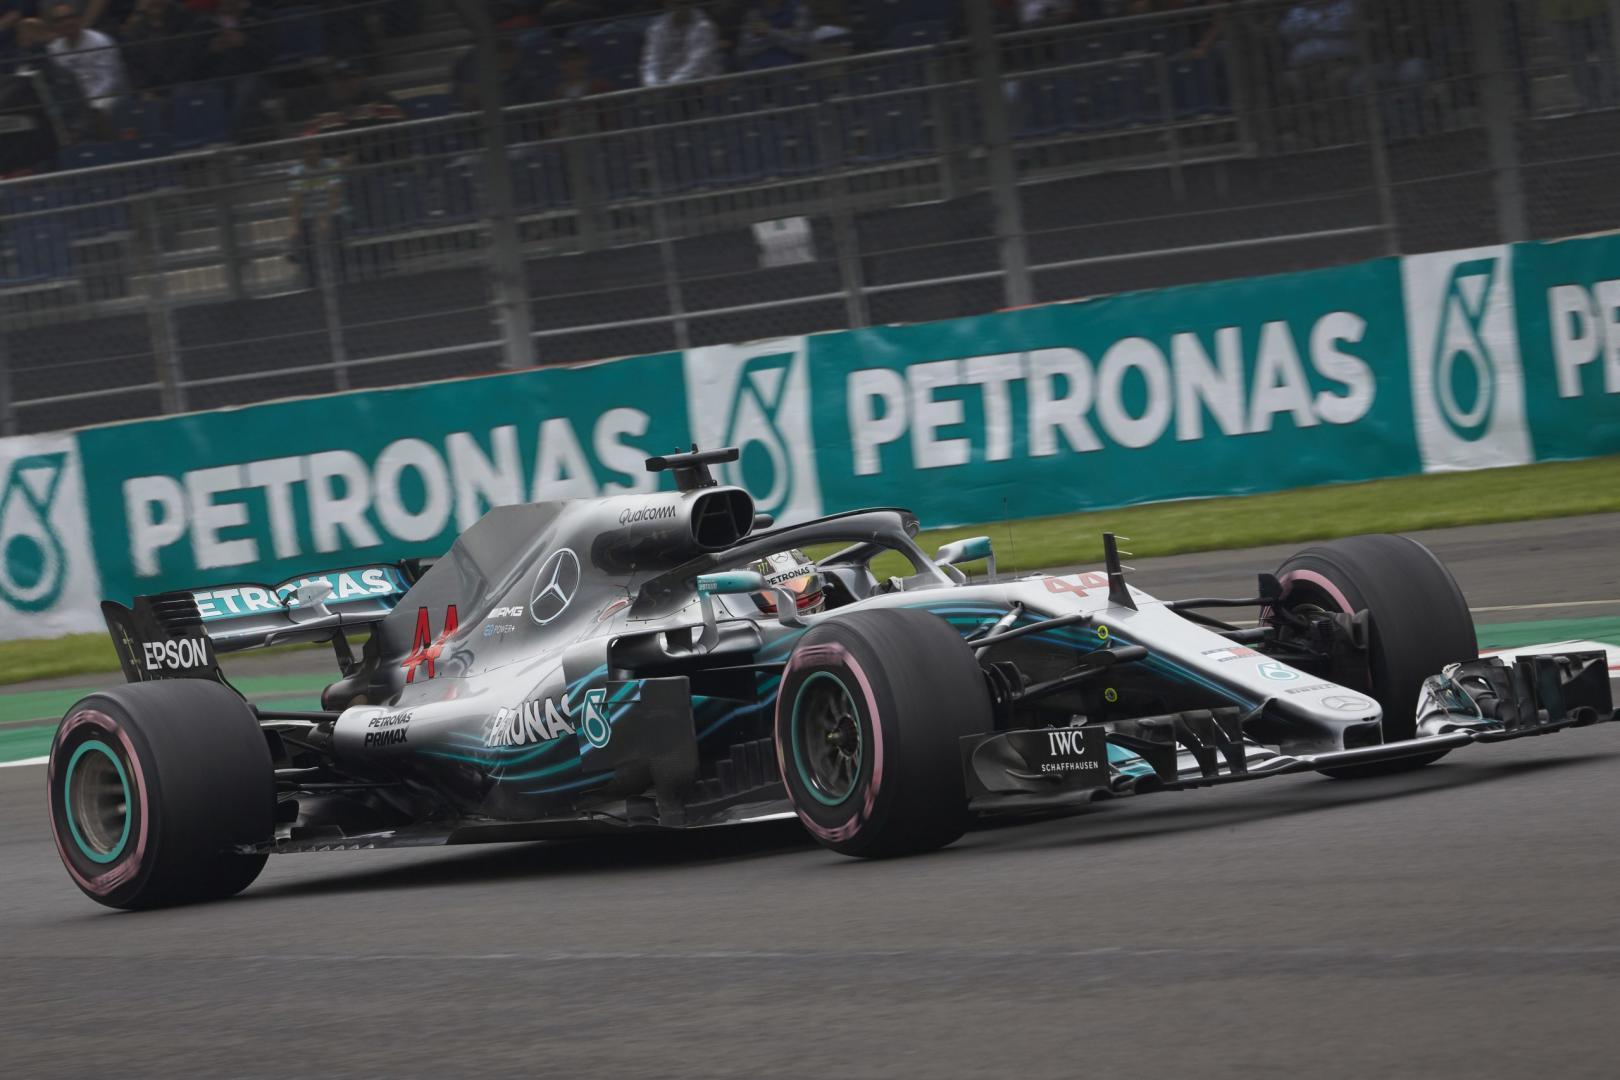 Uitslag van de GP van Mexico 2018